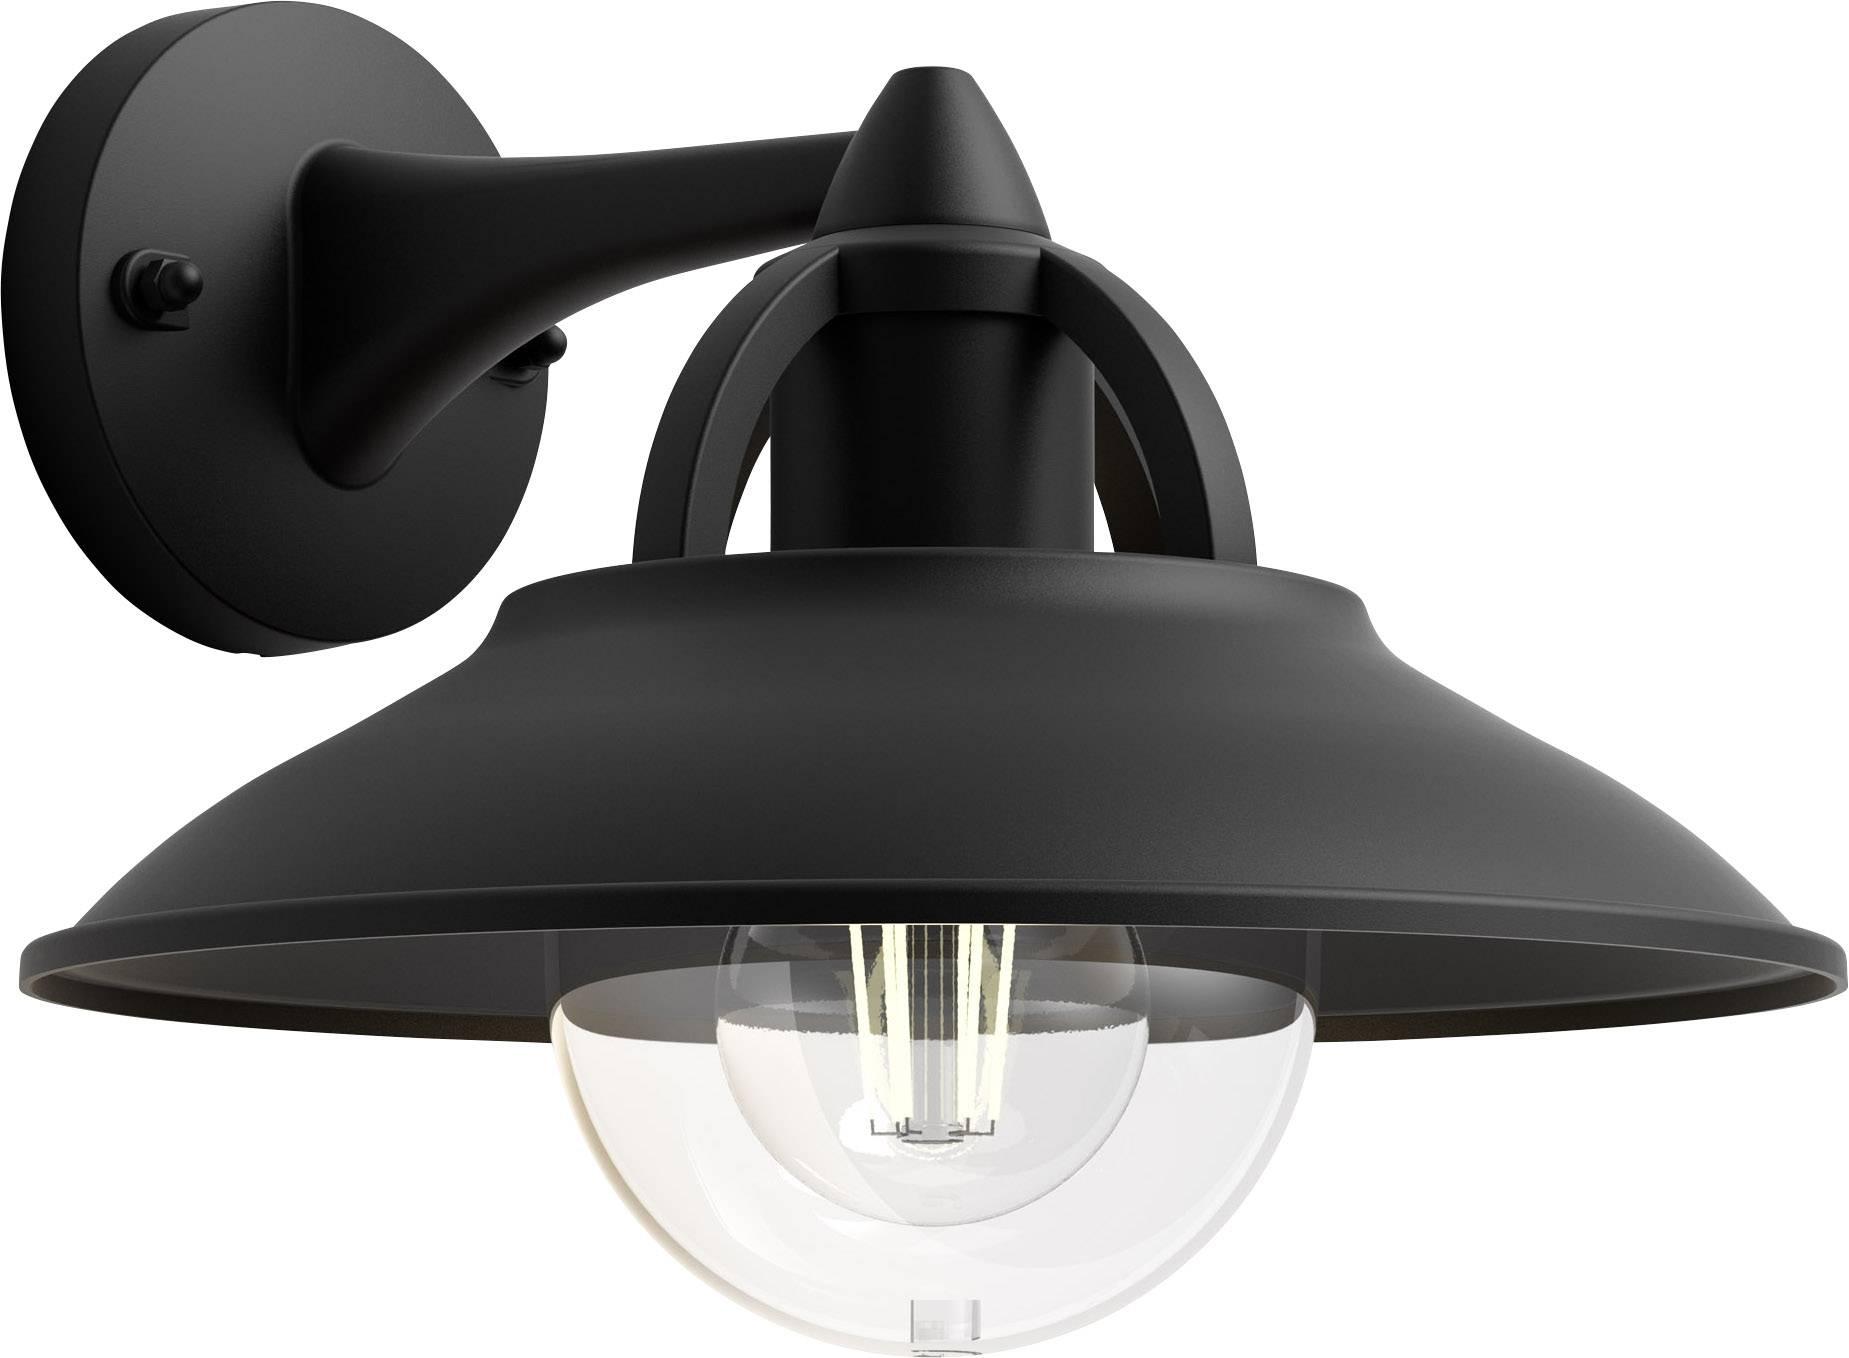 Lampade Da Parete Per Esterni : Philips comorant pn lampada da parete per esterno led e